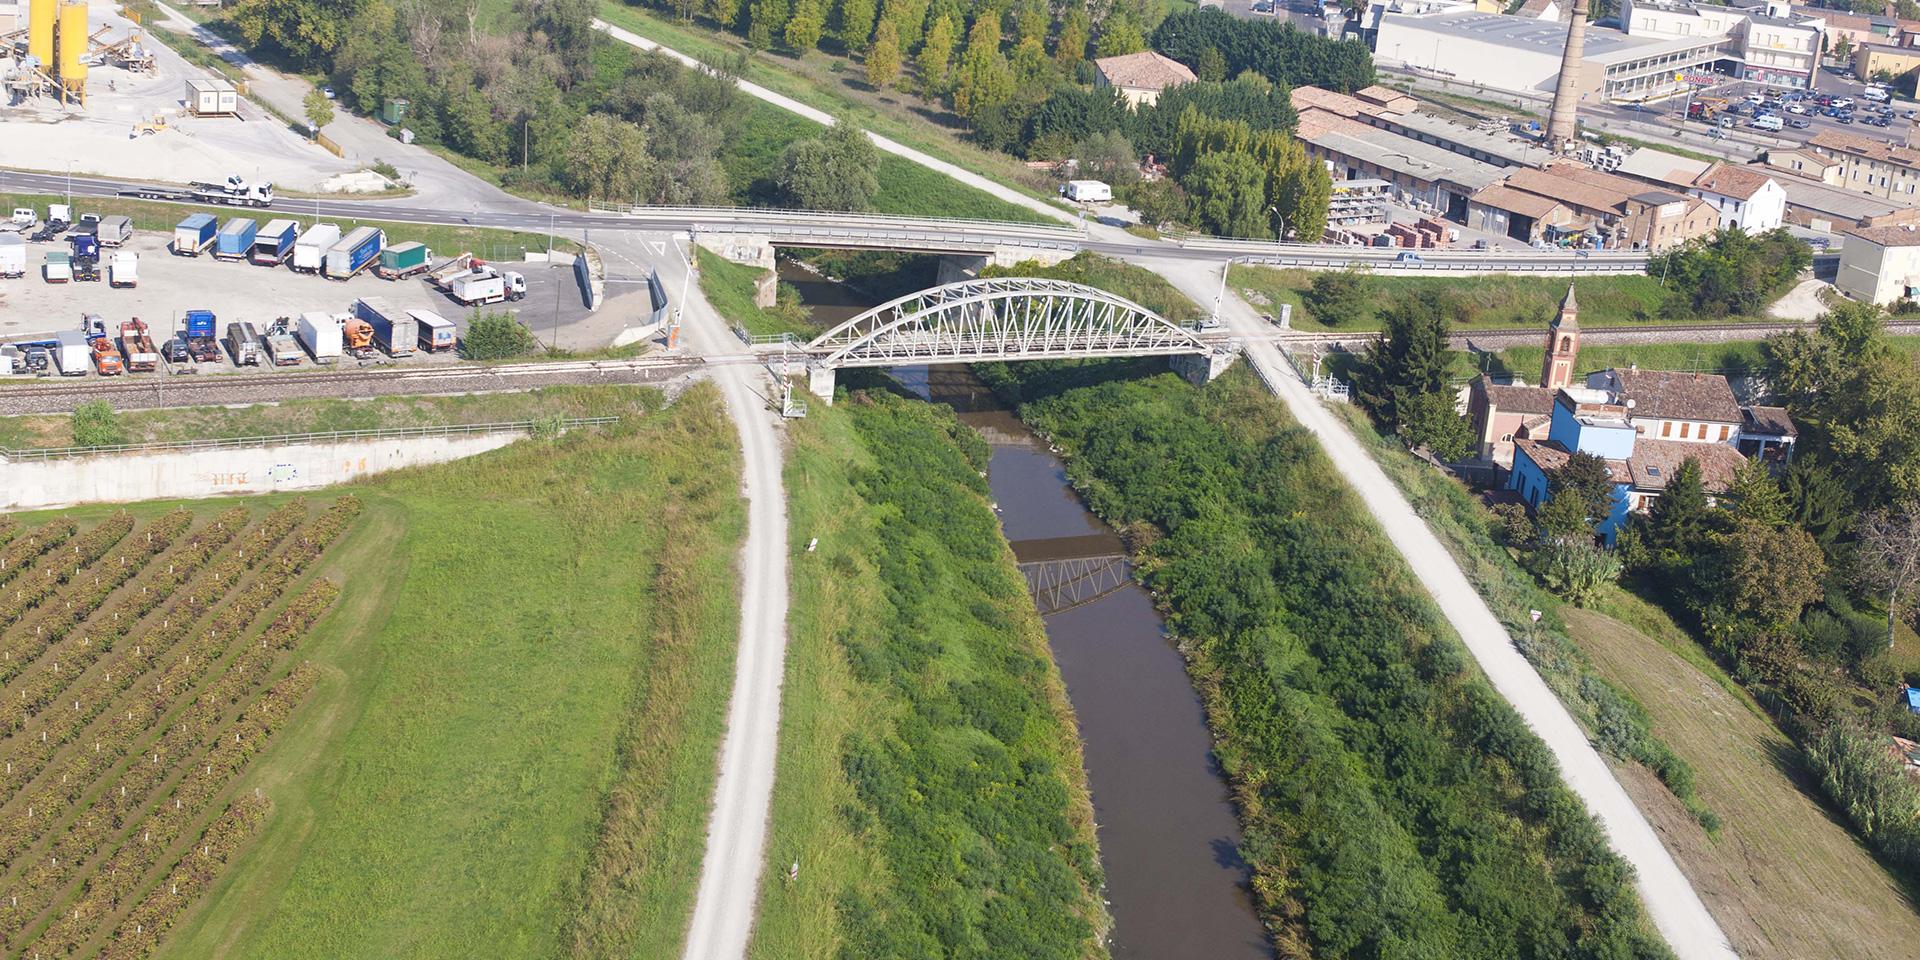 Adeguamento e rialzo ponti del Baccanello a Guastalla, Binini Partners, Società di architettura e ingegneria